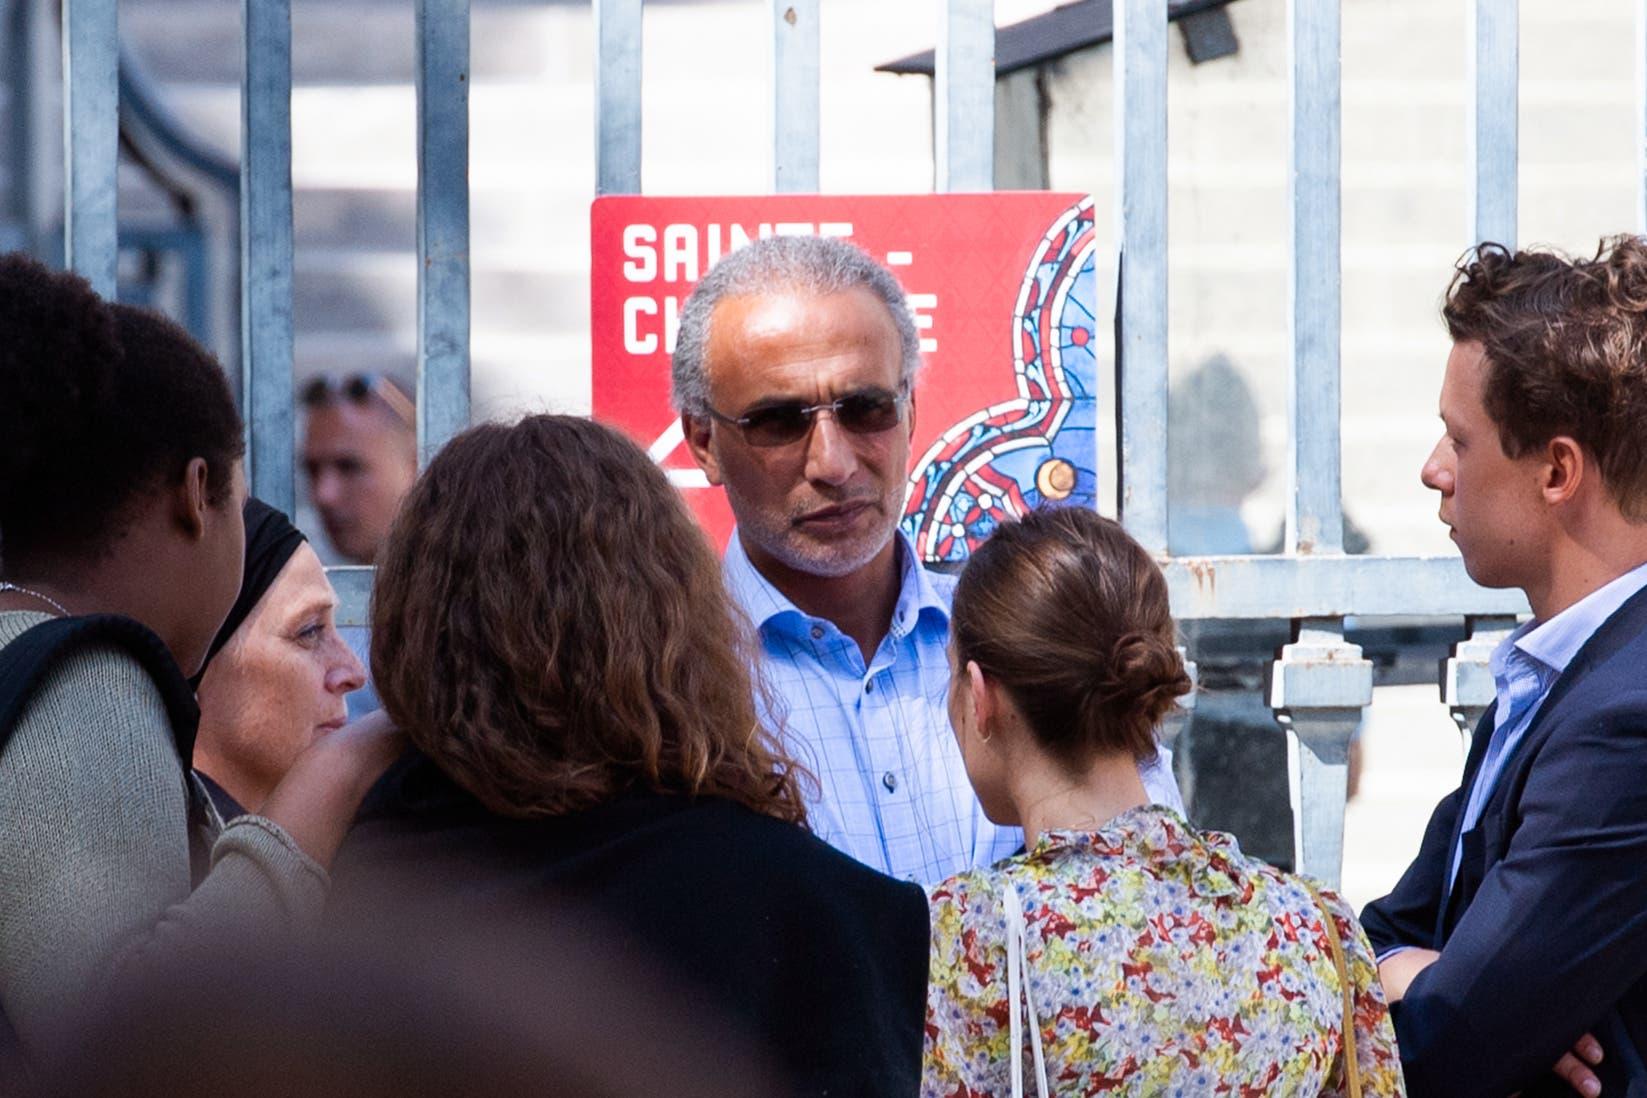 طارق رمضان يخرج من المحكمة بباريس بعد جلسة استماع في 30 أغسطس